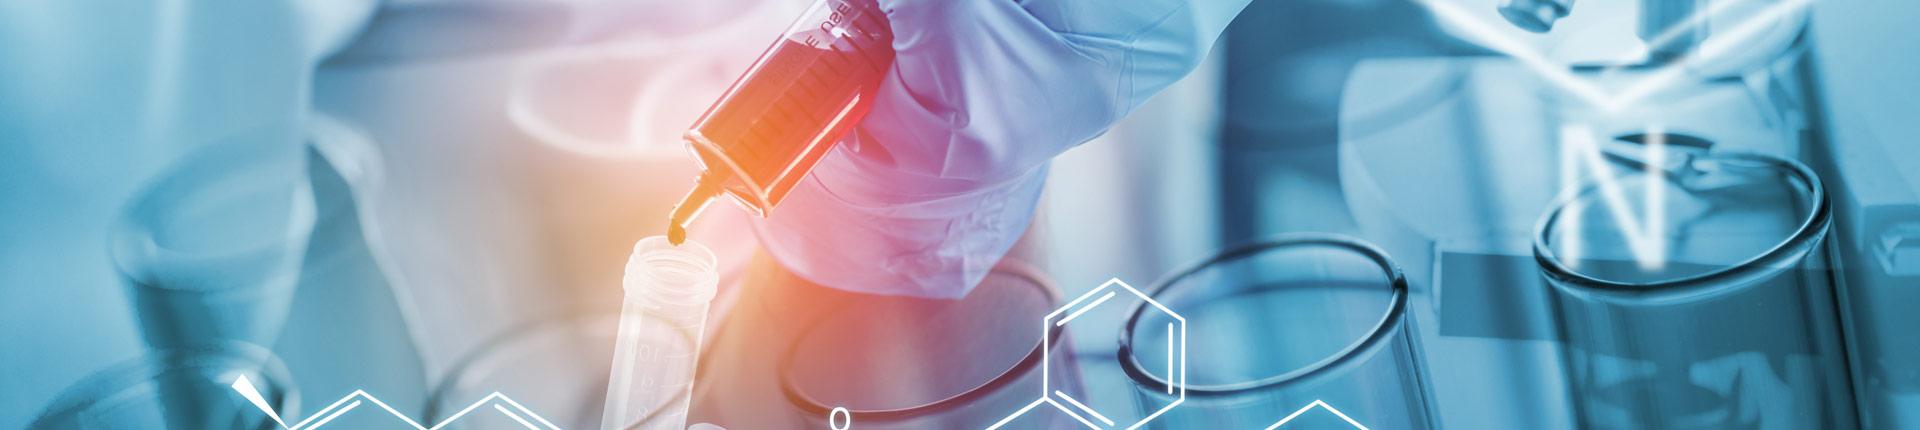 Resveratrol i leucyna - kombo na spalanie tłuszczu